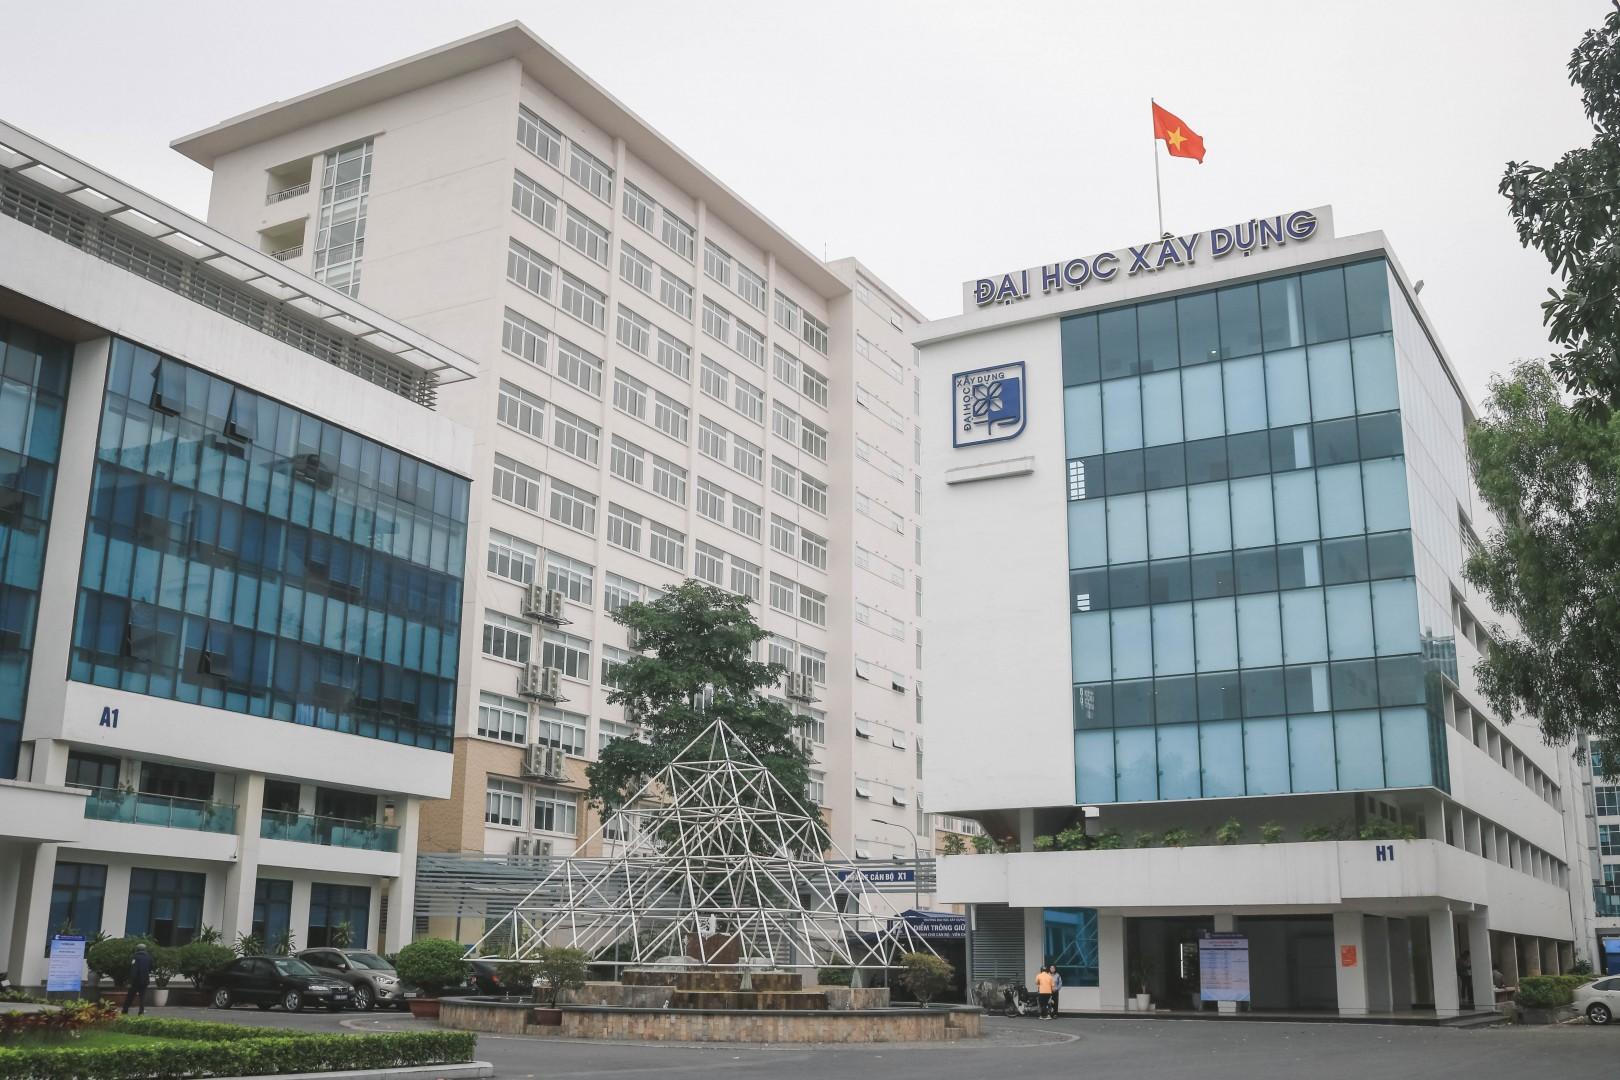 Đại học Xây dựng Hà Nội.